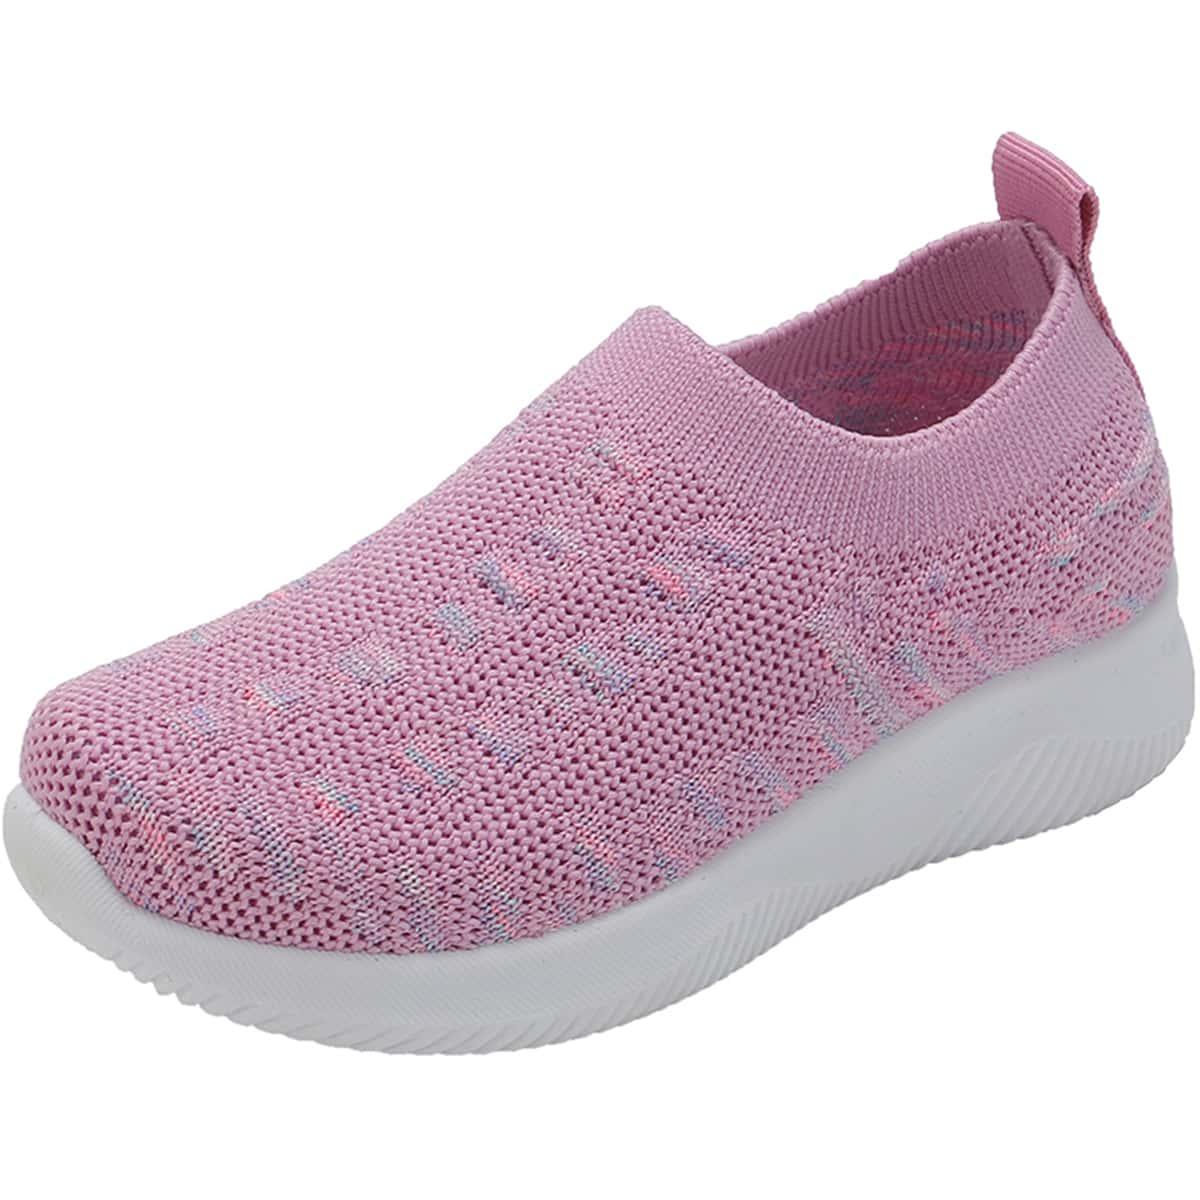 Минималистичные кроссовки для девочек от SHEIN